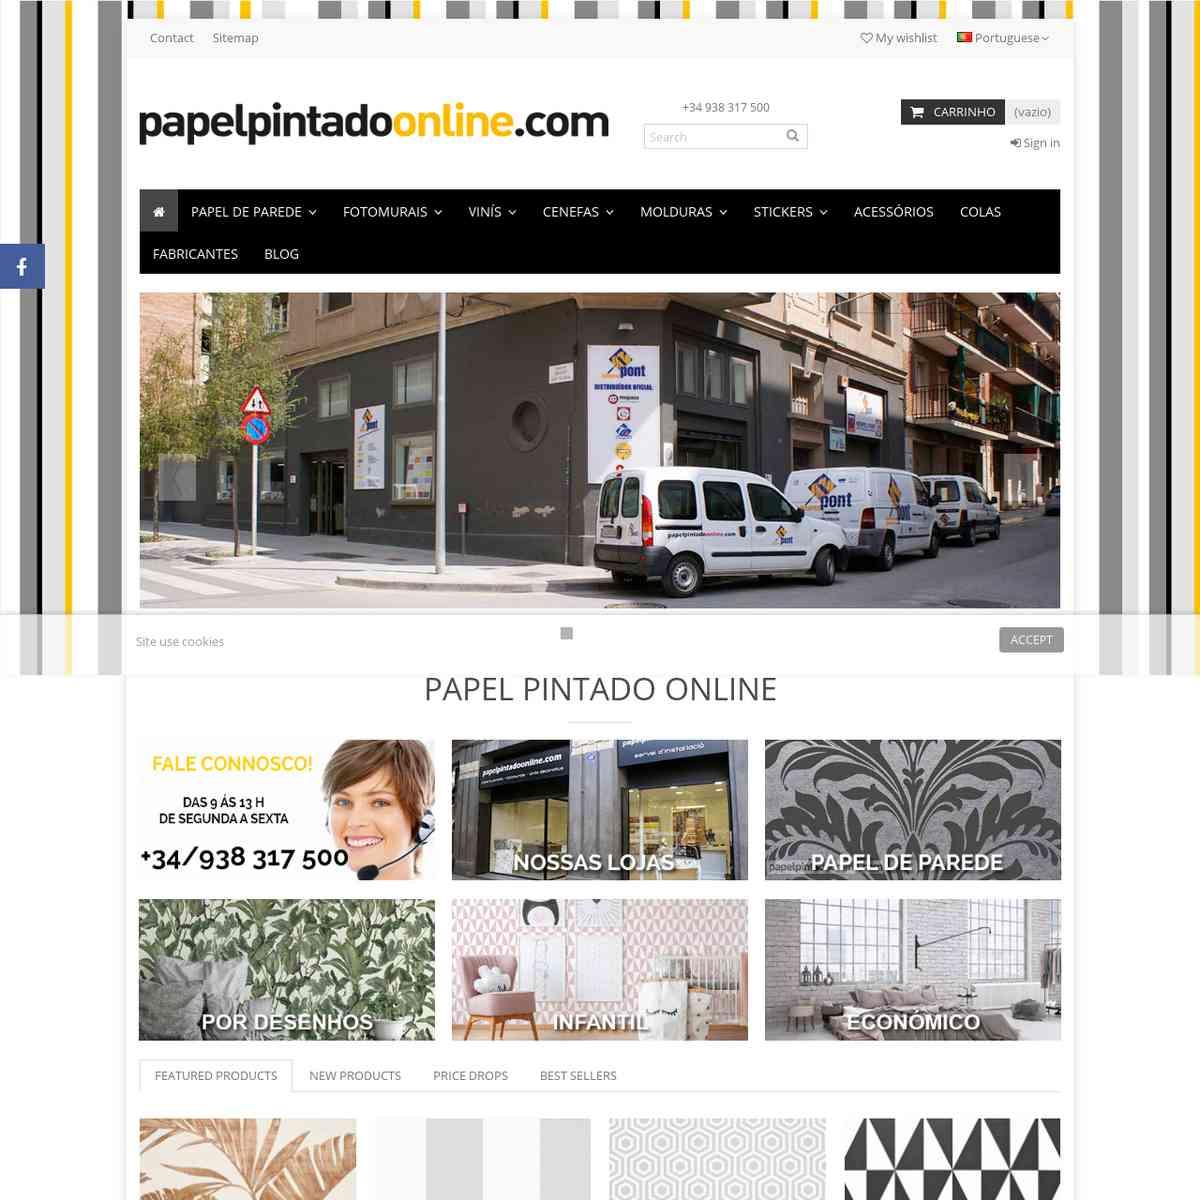 Papel Pintado Online en Portugal